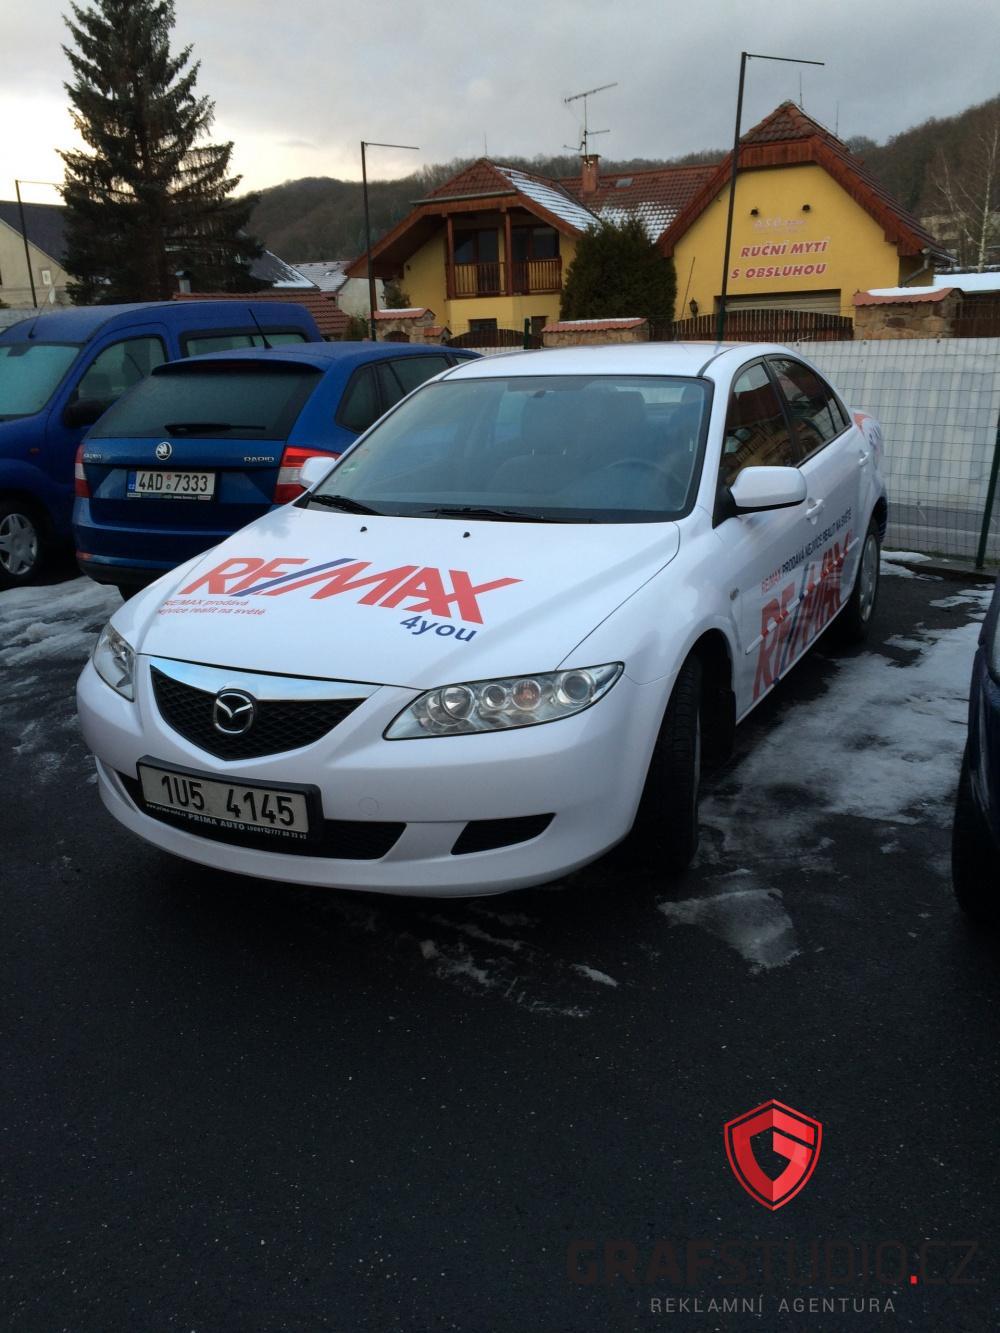 Reklamní celopolep automobilu